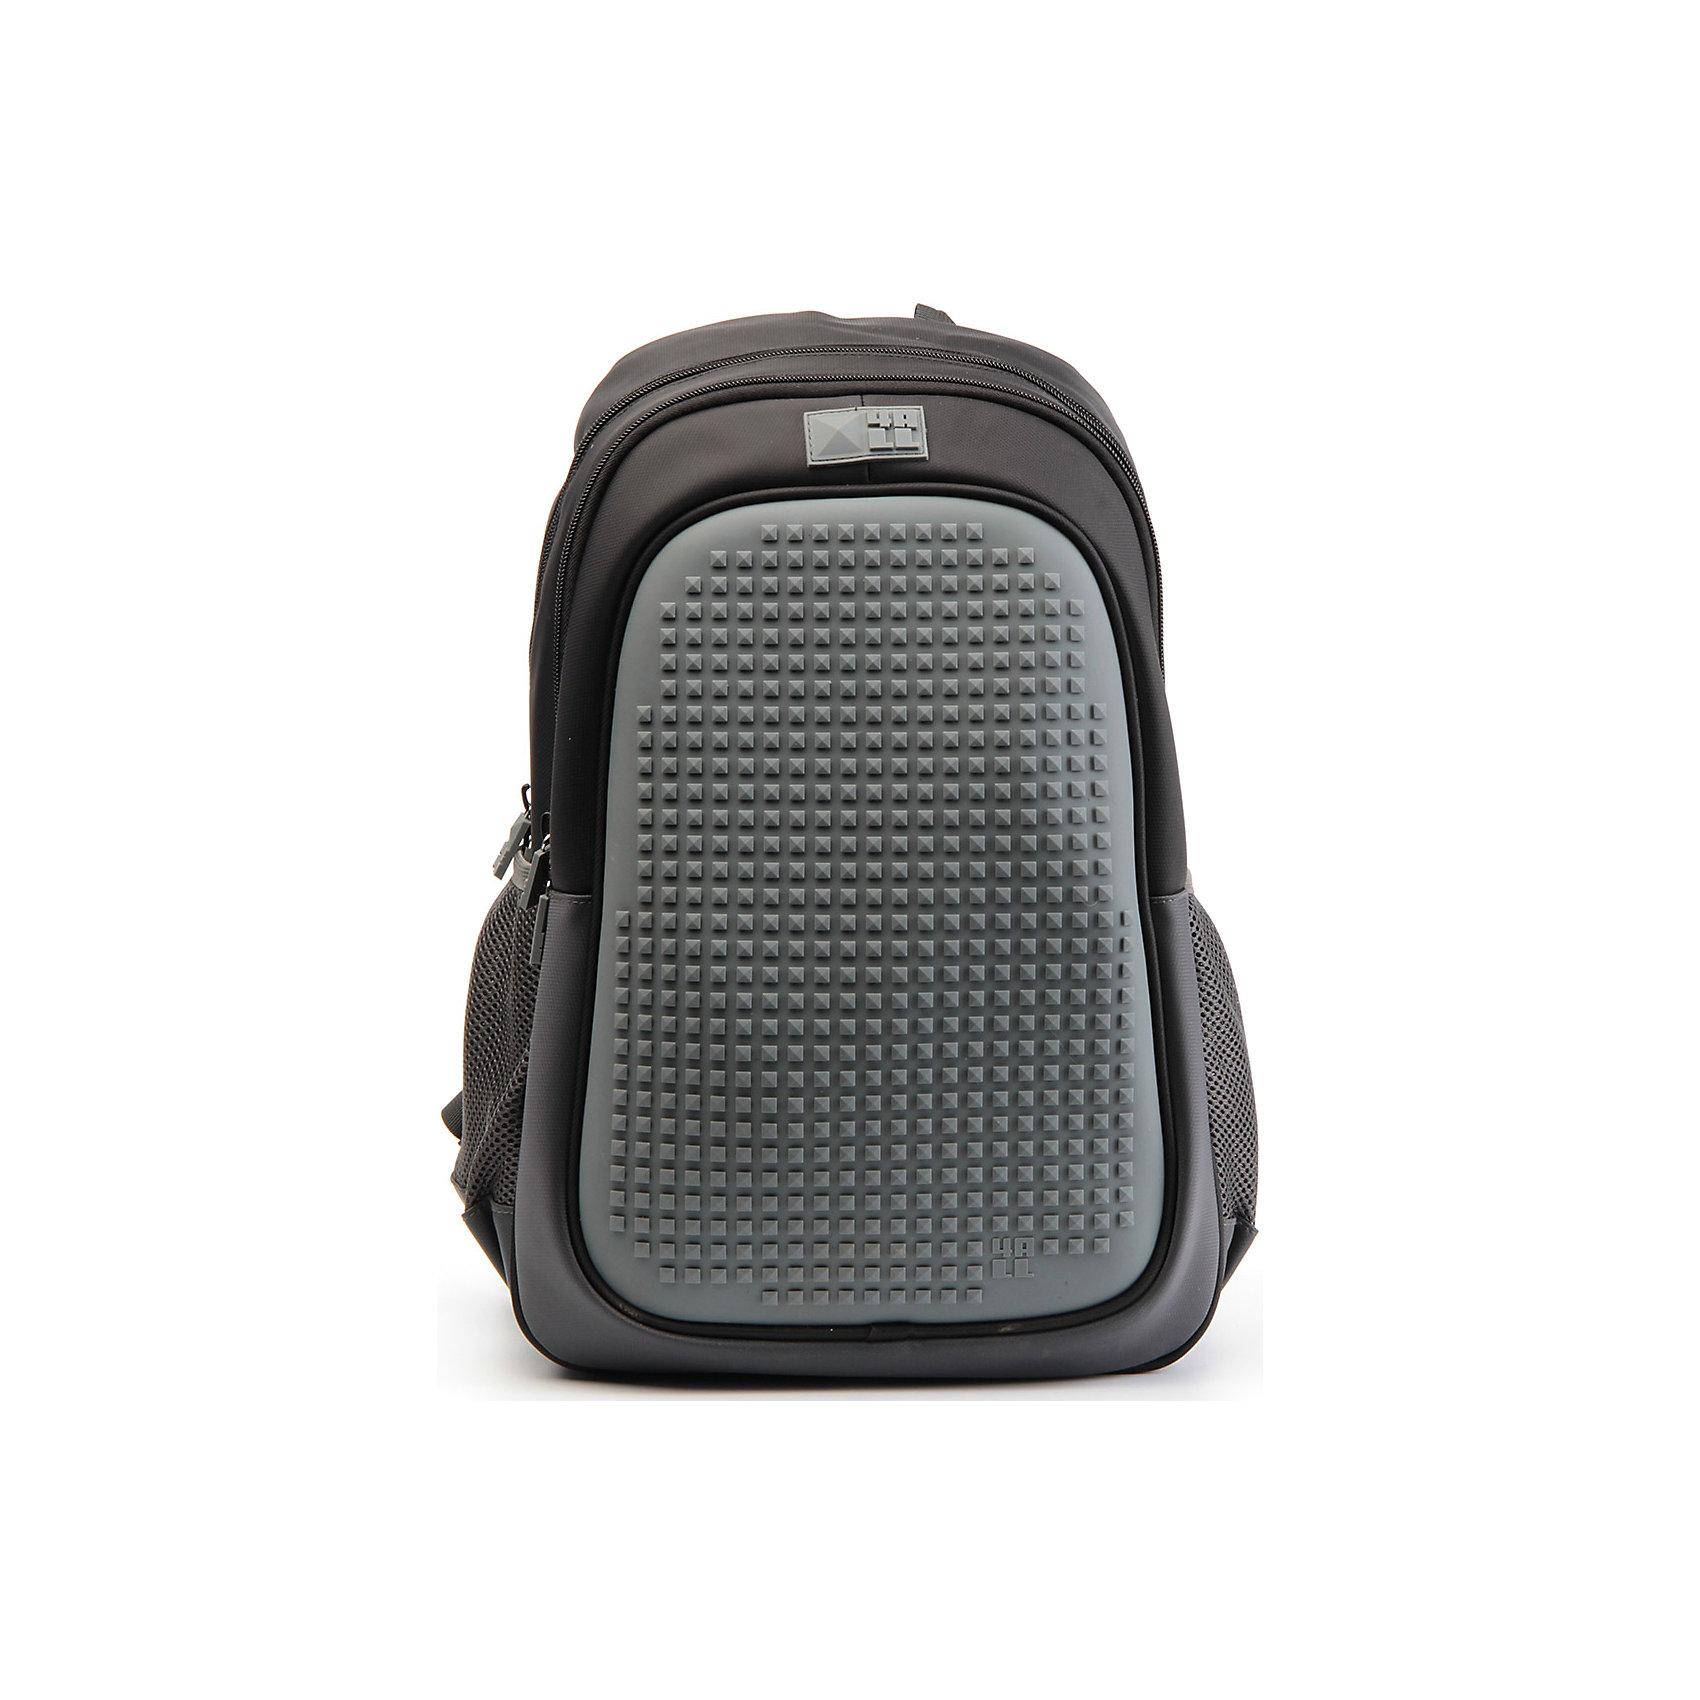 Рюкзак 4ALL  Case, черныйРюкзаки<br>Яркий, вместительный рюкзак с одним большим отделением, карманом и силиконовой панелью для творчества. Развлечение и первые опыты в современном искусстве!<br>Такой современный и интересный ранец будет прекрасным подарком к 1 сентября!<br><br>Особенности:<br>AIR COMFORT system:<br>- Система свободной циркуляции воздуха между задней стенкой рюкзака и спиной ребенка.<br>- Совместно с ортопедической спиной ERGO system эта система воздухообмена делает ежедневное использование рюкзаков KIDS безопасным для здоровья и максимально комфортным!<br>ERGO system:<br>- Разработанная нами система ERGO служит равномерному распределению нагрузки на спину ребенка. Она способна сделать рюкзак, наполненный учебниками, легким. ERGO служит сохранению правильной осанки и заботится о здоровье позвоночника!<br>Ортопедическая спина:<br>- Важное свойство наших рюкзаков - ортопедическая спина! Способна как корсет поддерживать позвоночник, правильно распределяя нагрузку, а так же обеспечивает циркуляцию воздуха между задней стенкой рюкзака и спиной ребенка!<br>А также:<br>- Гипоаллергенный силикон;<br>- Водоотталкивающие материалы;<br>- Устойчивость всех материалов к температурам воздуха ниже 0!<br><br>Дополнительная информация:<br><br>- Рюкзак уже содержит 1 упаковку разноцветных пикселей-битов (300 шт.) для создания картинок<br>- Цвет: черный;<br>- Объем рюкзака: 25,9 л.<br>- Размер в упаковке: 40х27х17 см.<br>- Вес в упаковке: 780 г.<br><br>Рюкзак Case в черном цвете , можно купить в нашем магазине.<br><br>Ширина мм: 400<br>Глубина мм: 270<br>Высота мм: 170<br>Вес г: 780<br>Возраст от месяцев: 72<br>Возраст до месяцев: 180<br>Пол: Унисекс<br>Возраст: Детский<br>SKU: 4786366